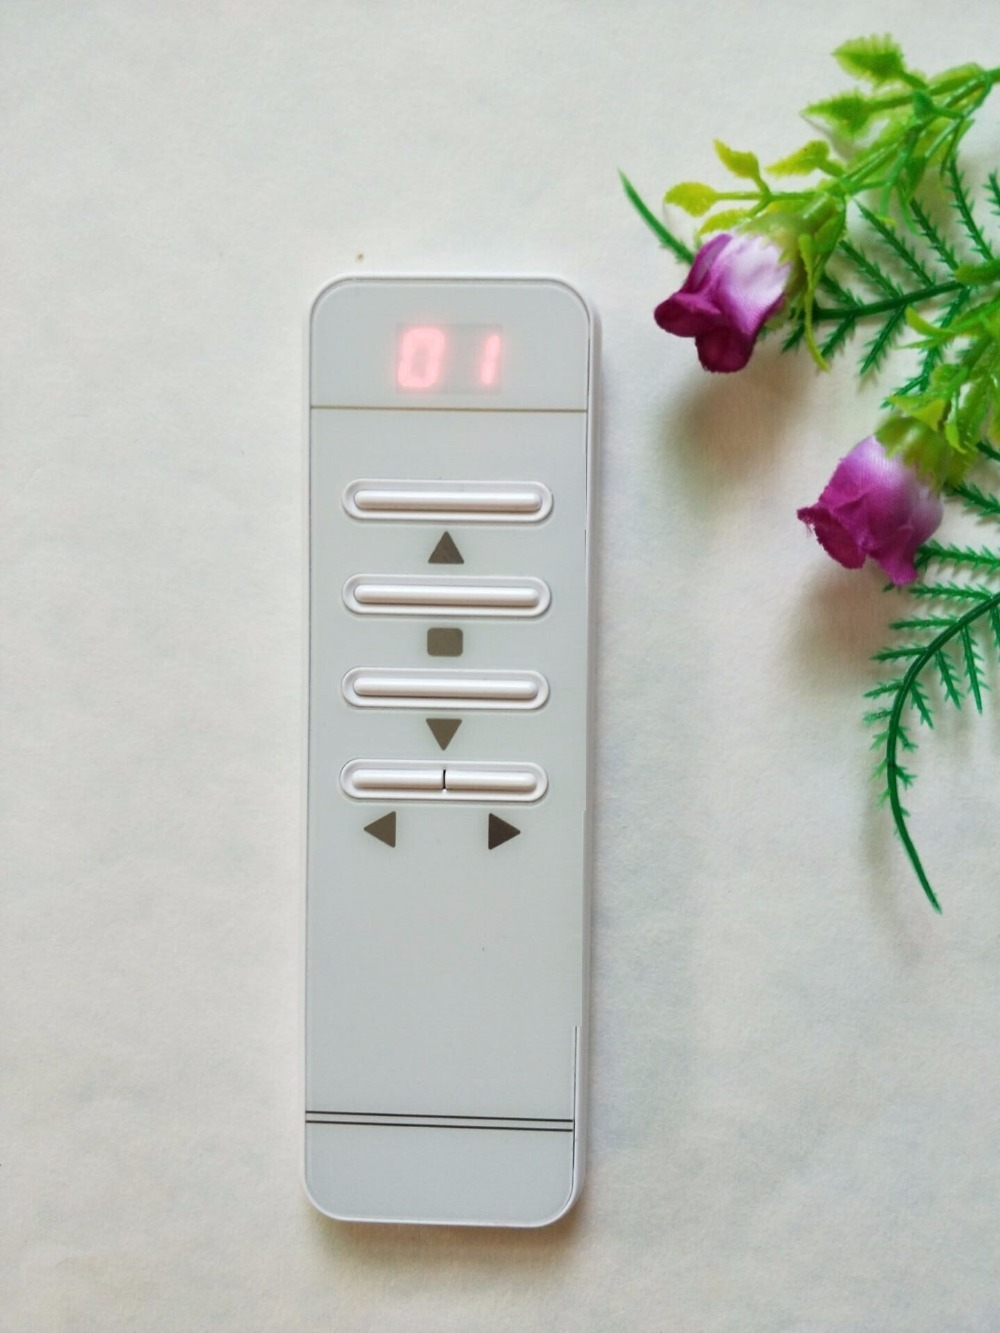 Image 5 - CENTURY AOKE AC 220V мотор двери гаража и проекционный экран и жалюзи RF беспроводной пульт дистанционного управления переключатель цифровой дисплей экранrf doorscreen switch220v wireless control switch  АлиЭкспресс